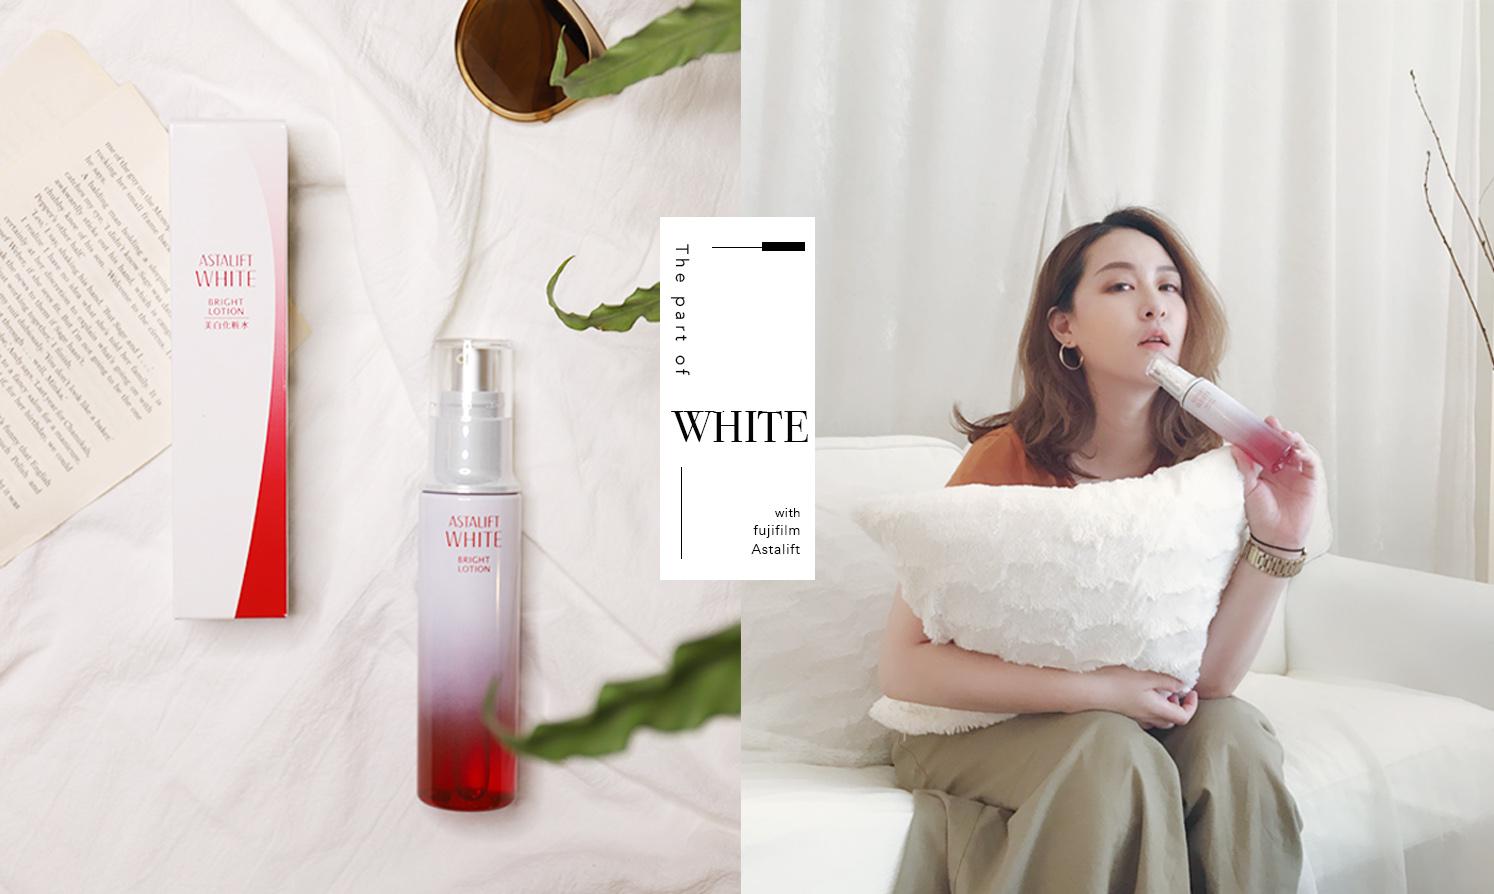 | 保養 | ASTALIFT 艾詩緹美白化妝水:夏日保養防曬不可或缺的美白淡班必備品!